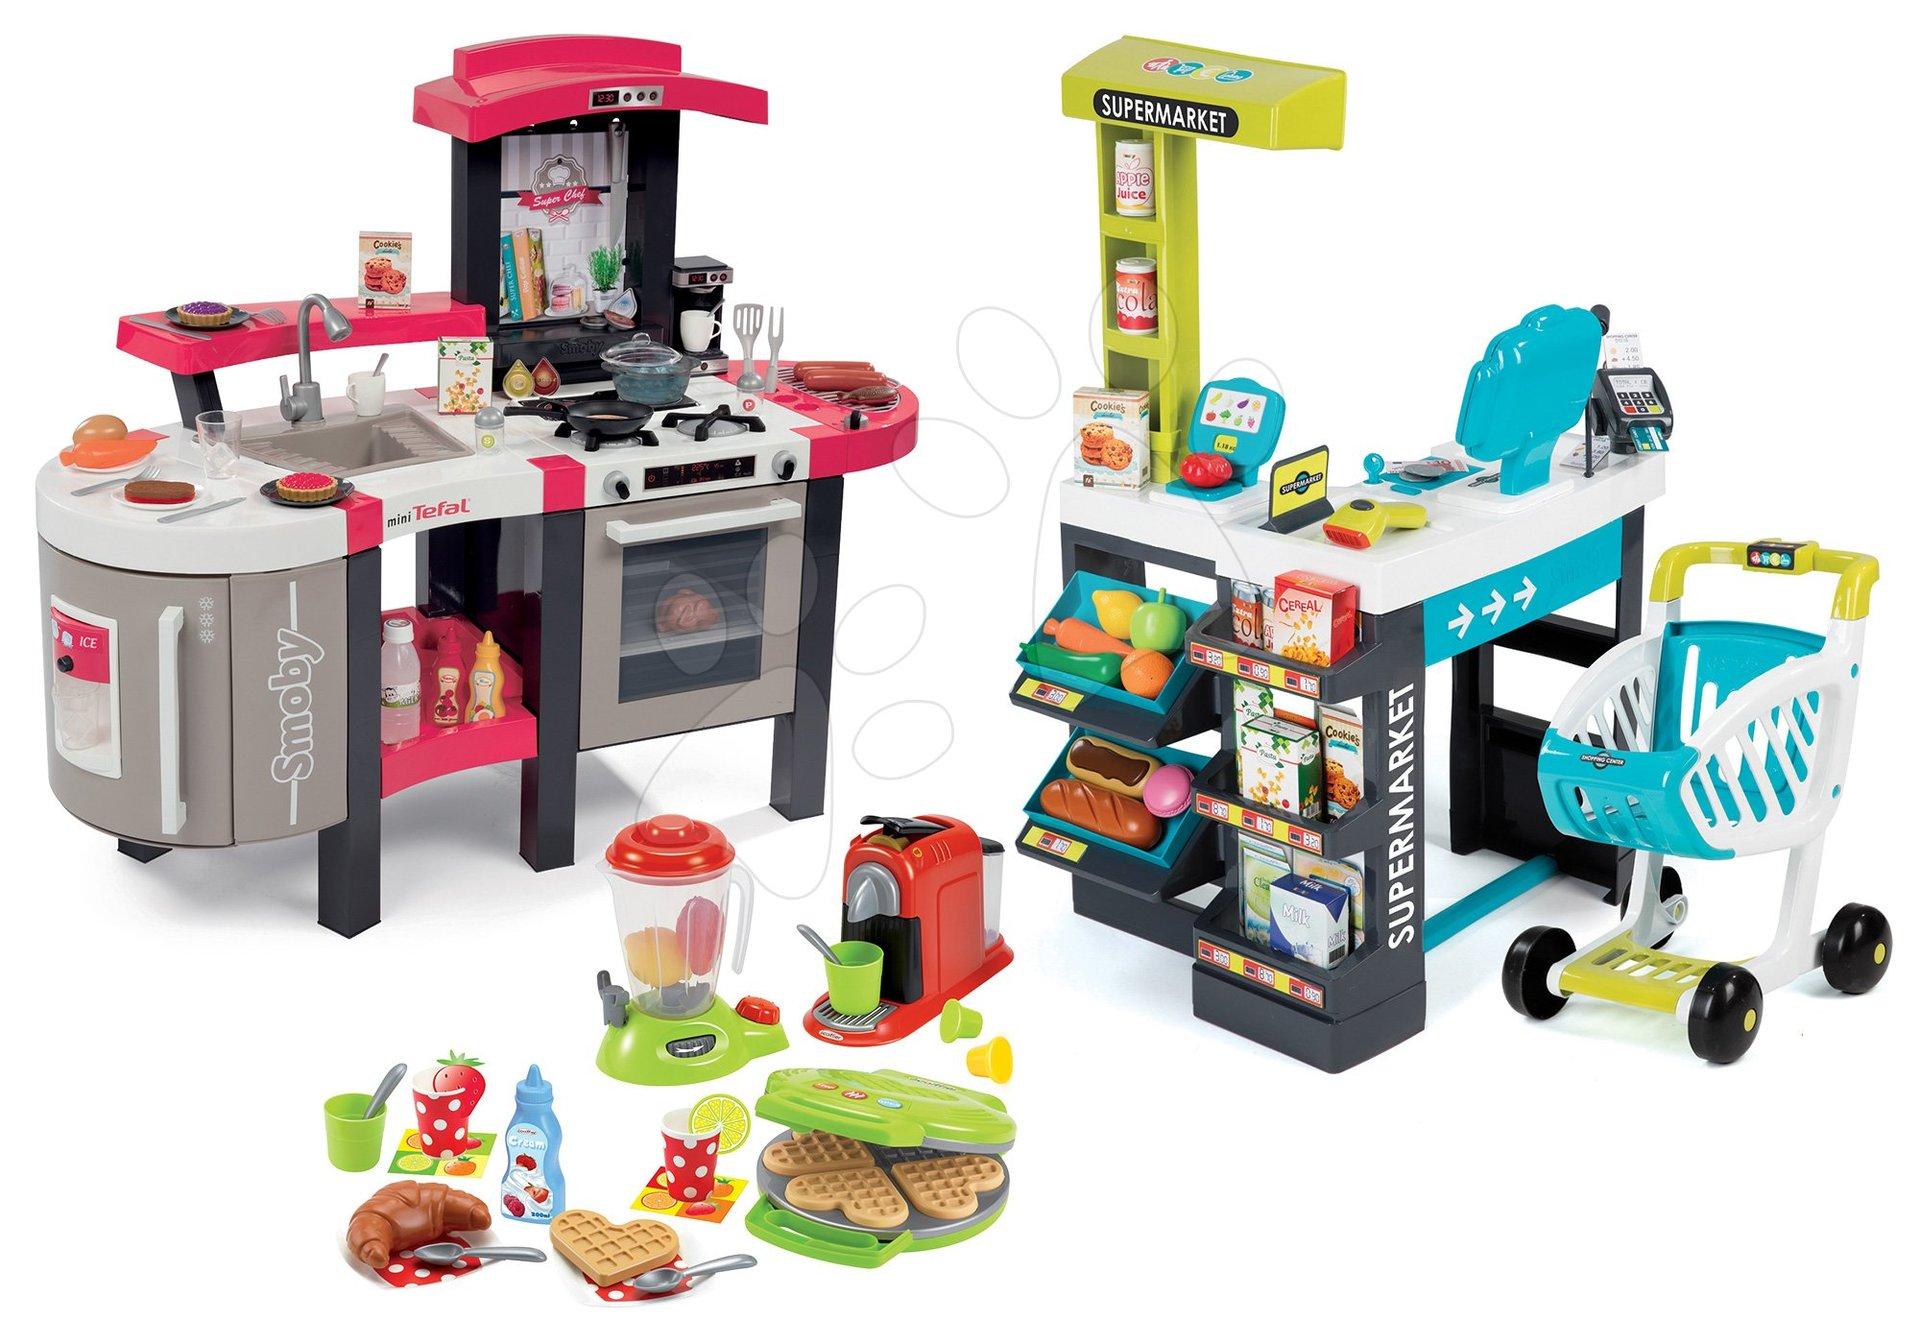 Set kuchyňka Tefal SuperChef Smoby s grilem a kávovarem a obchod Supermarket s dotykovou pokladnou